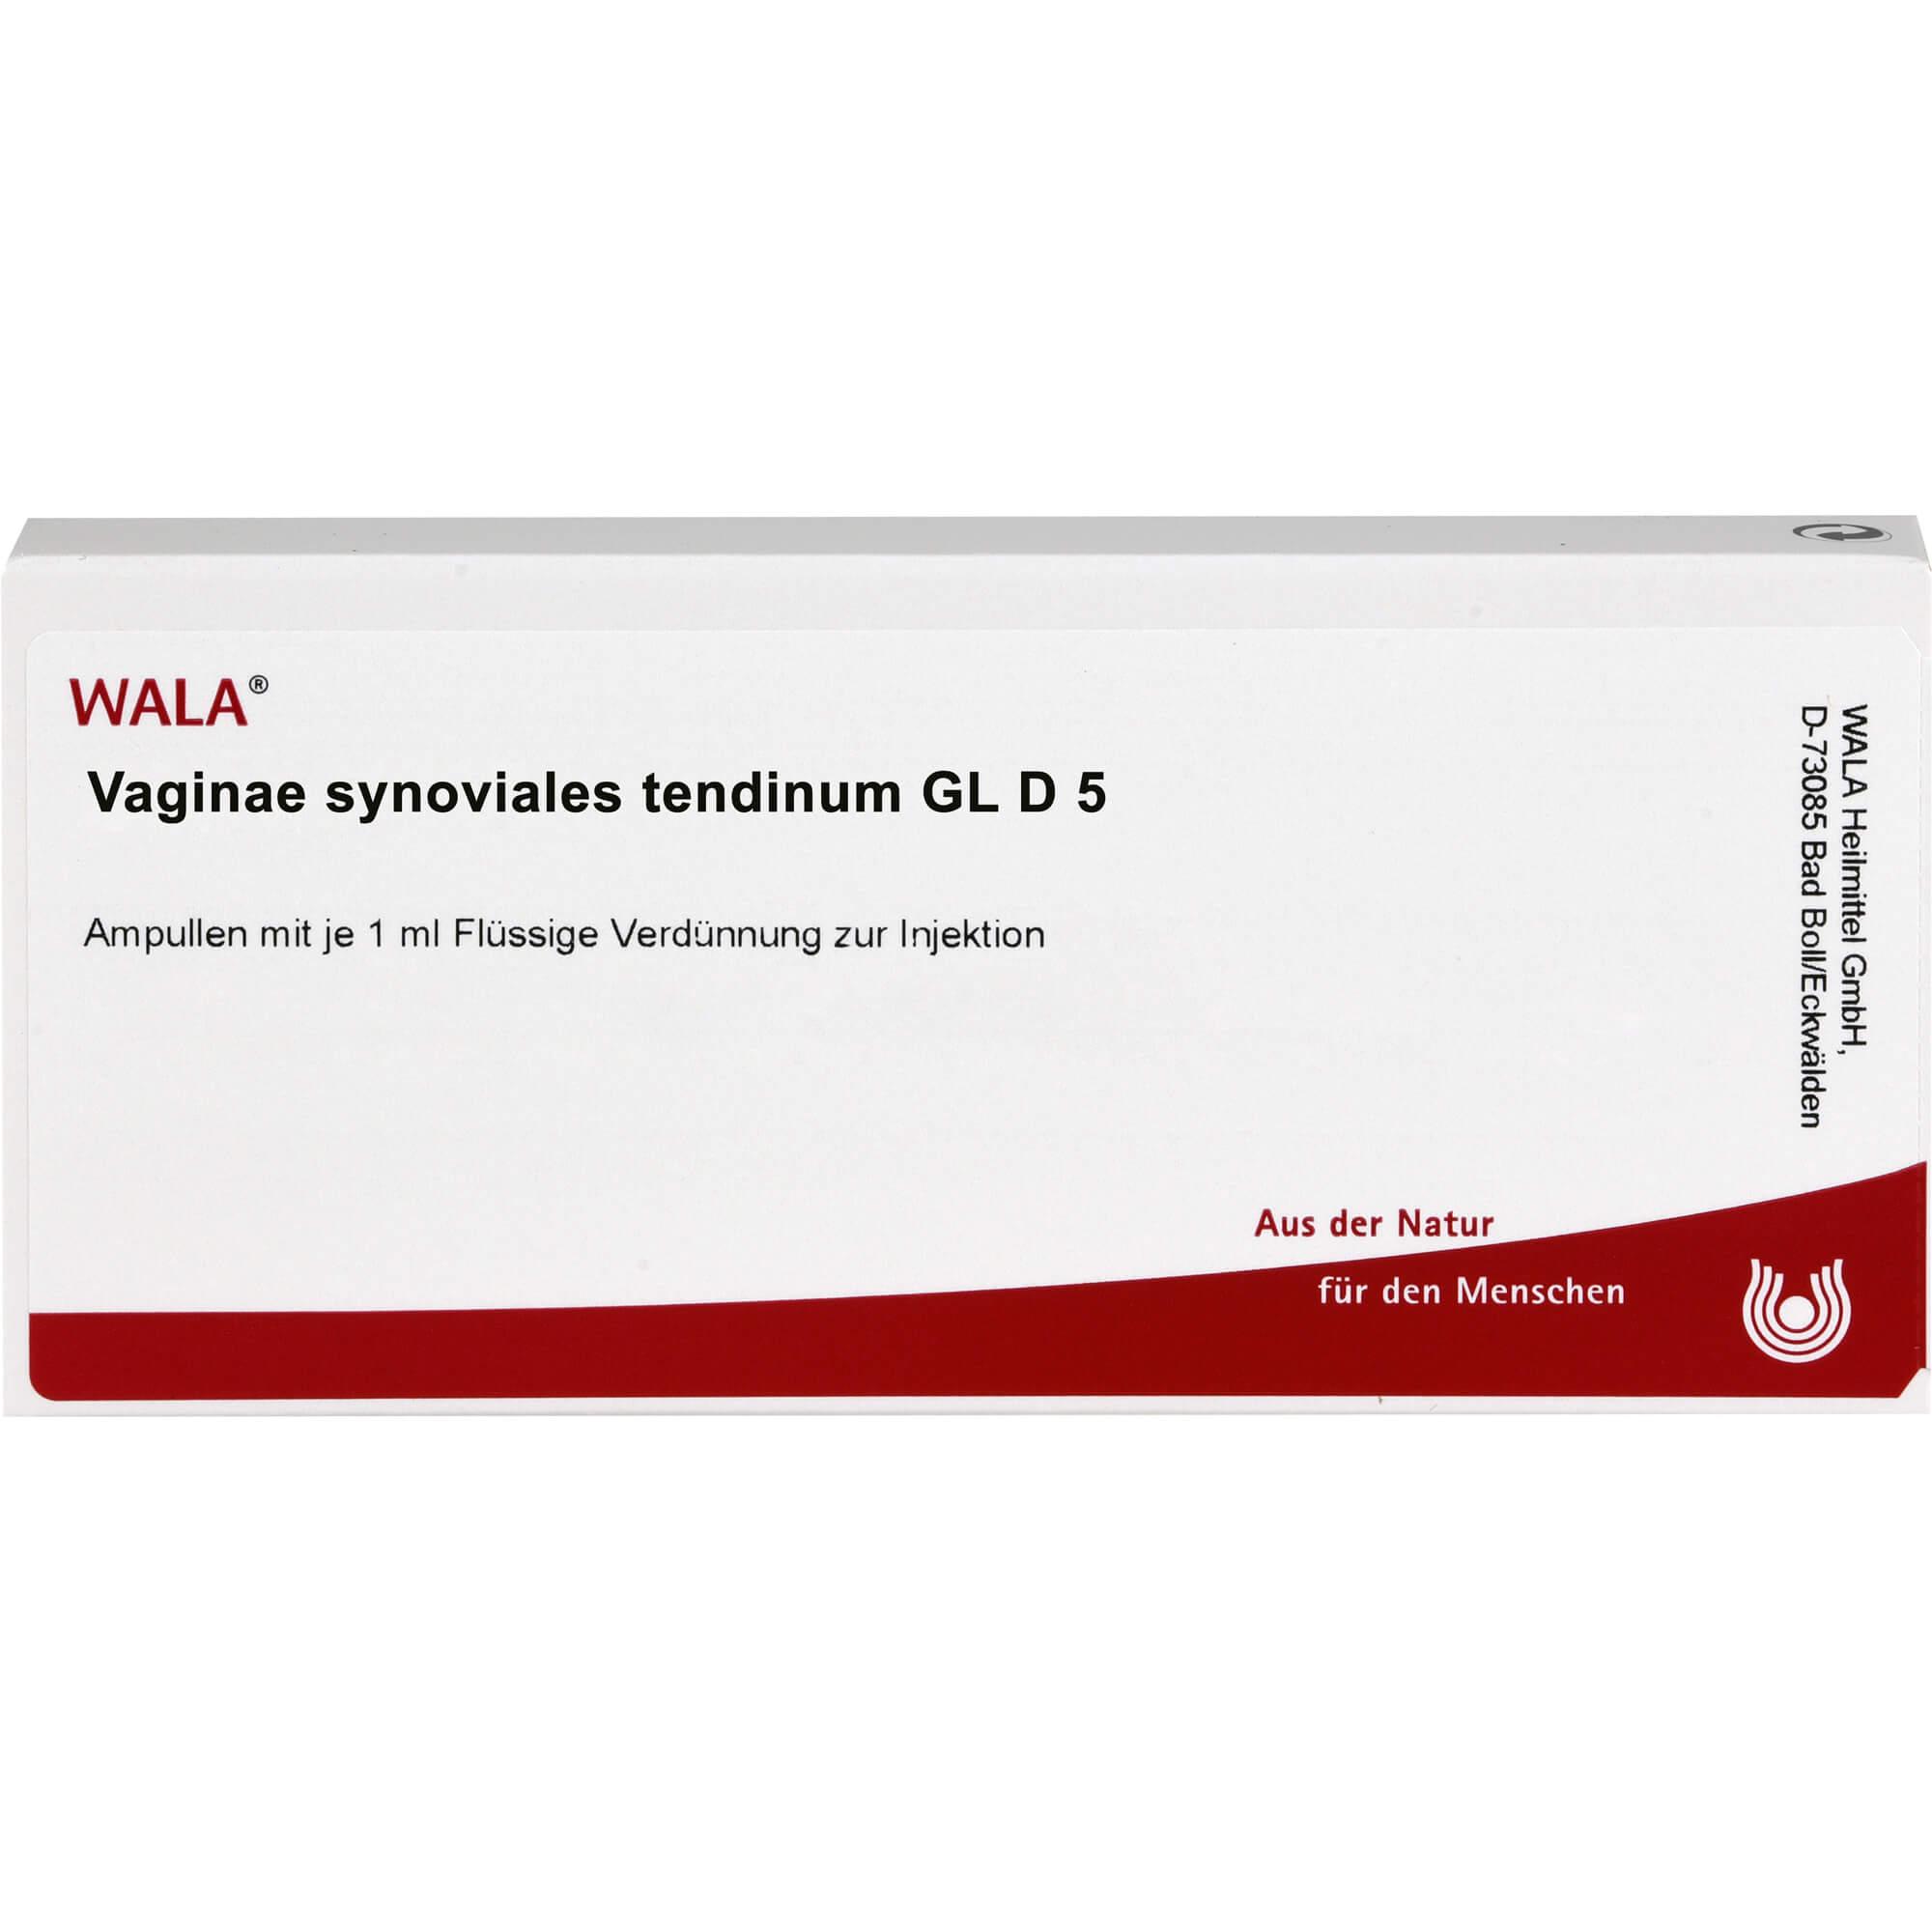 VAGINAE synoviales tendinum GL D 5 Ampullen